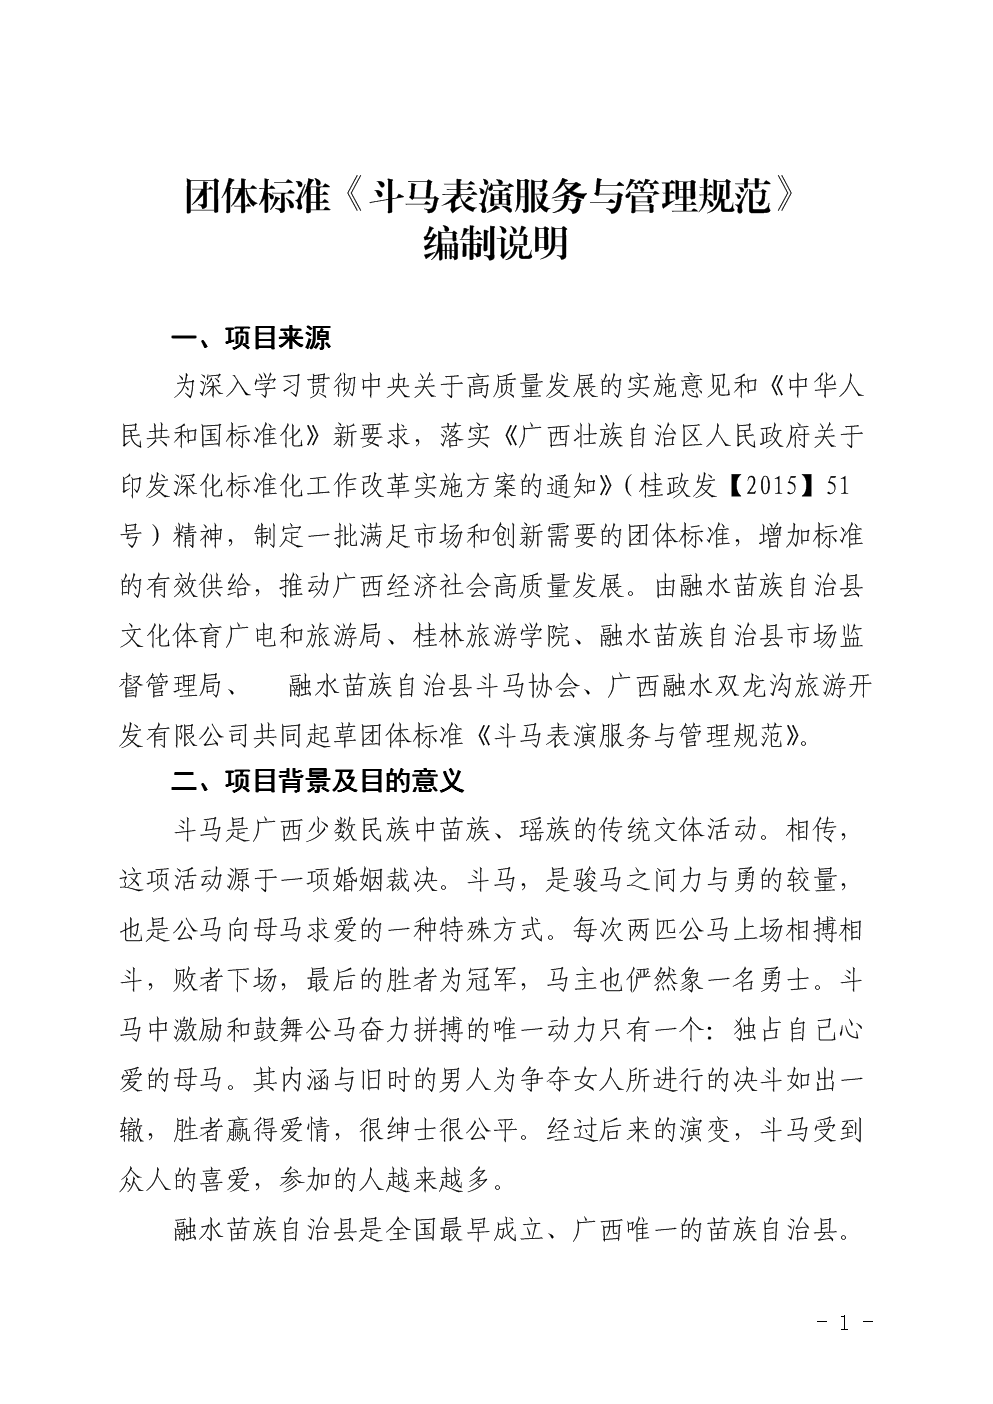 《斗马表演服务与管理规范》编制说明.doc